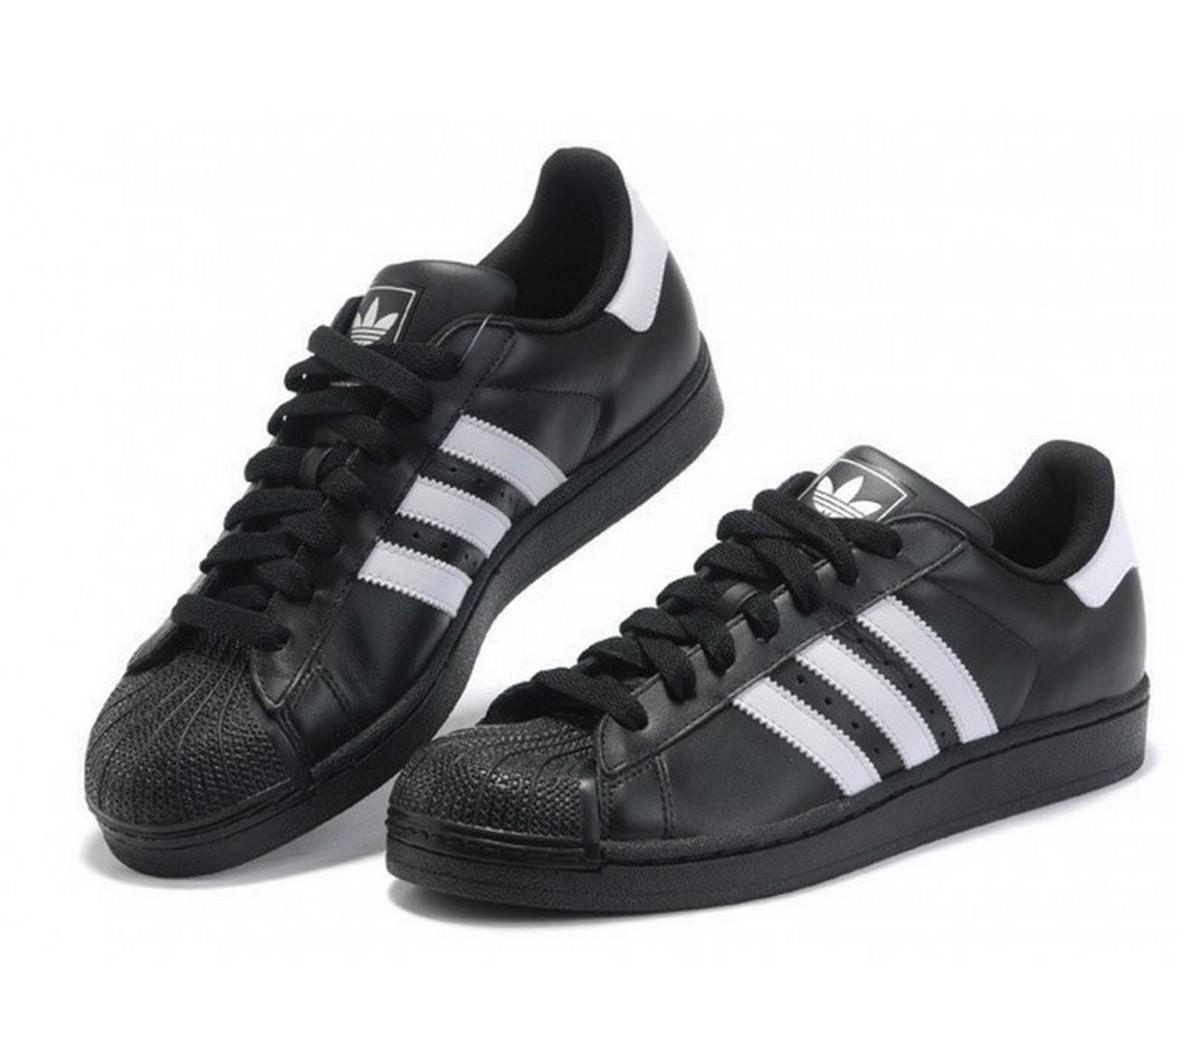 0a7e7c6e Кроссовки Adidas SuperStar Core Black Черные женские реплика -  SportBoom.com.ua - интернет